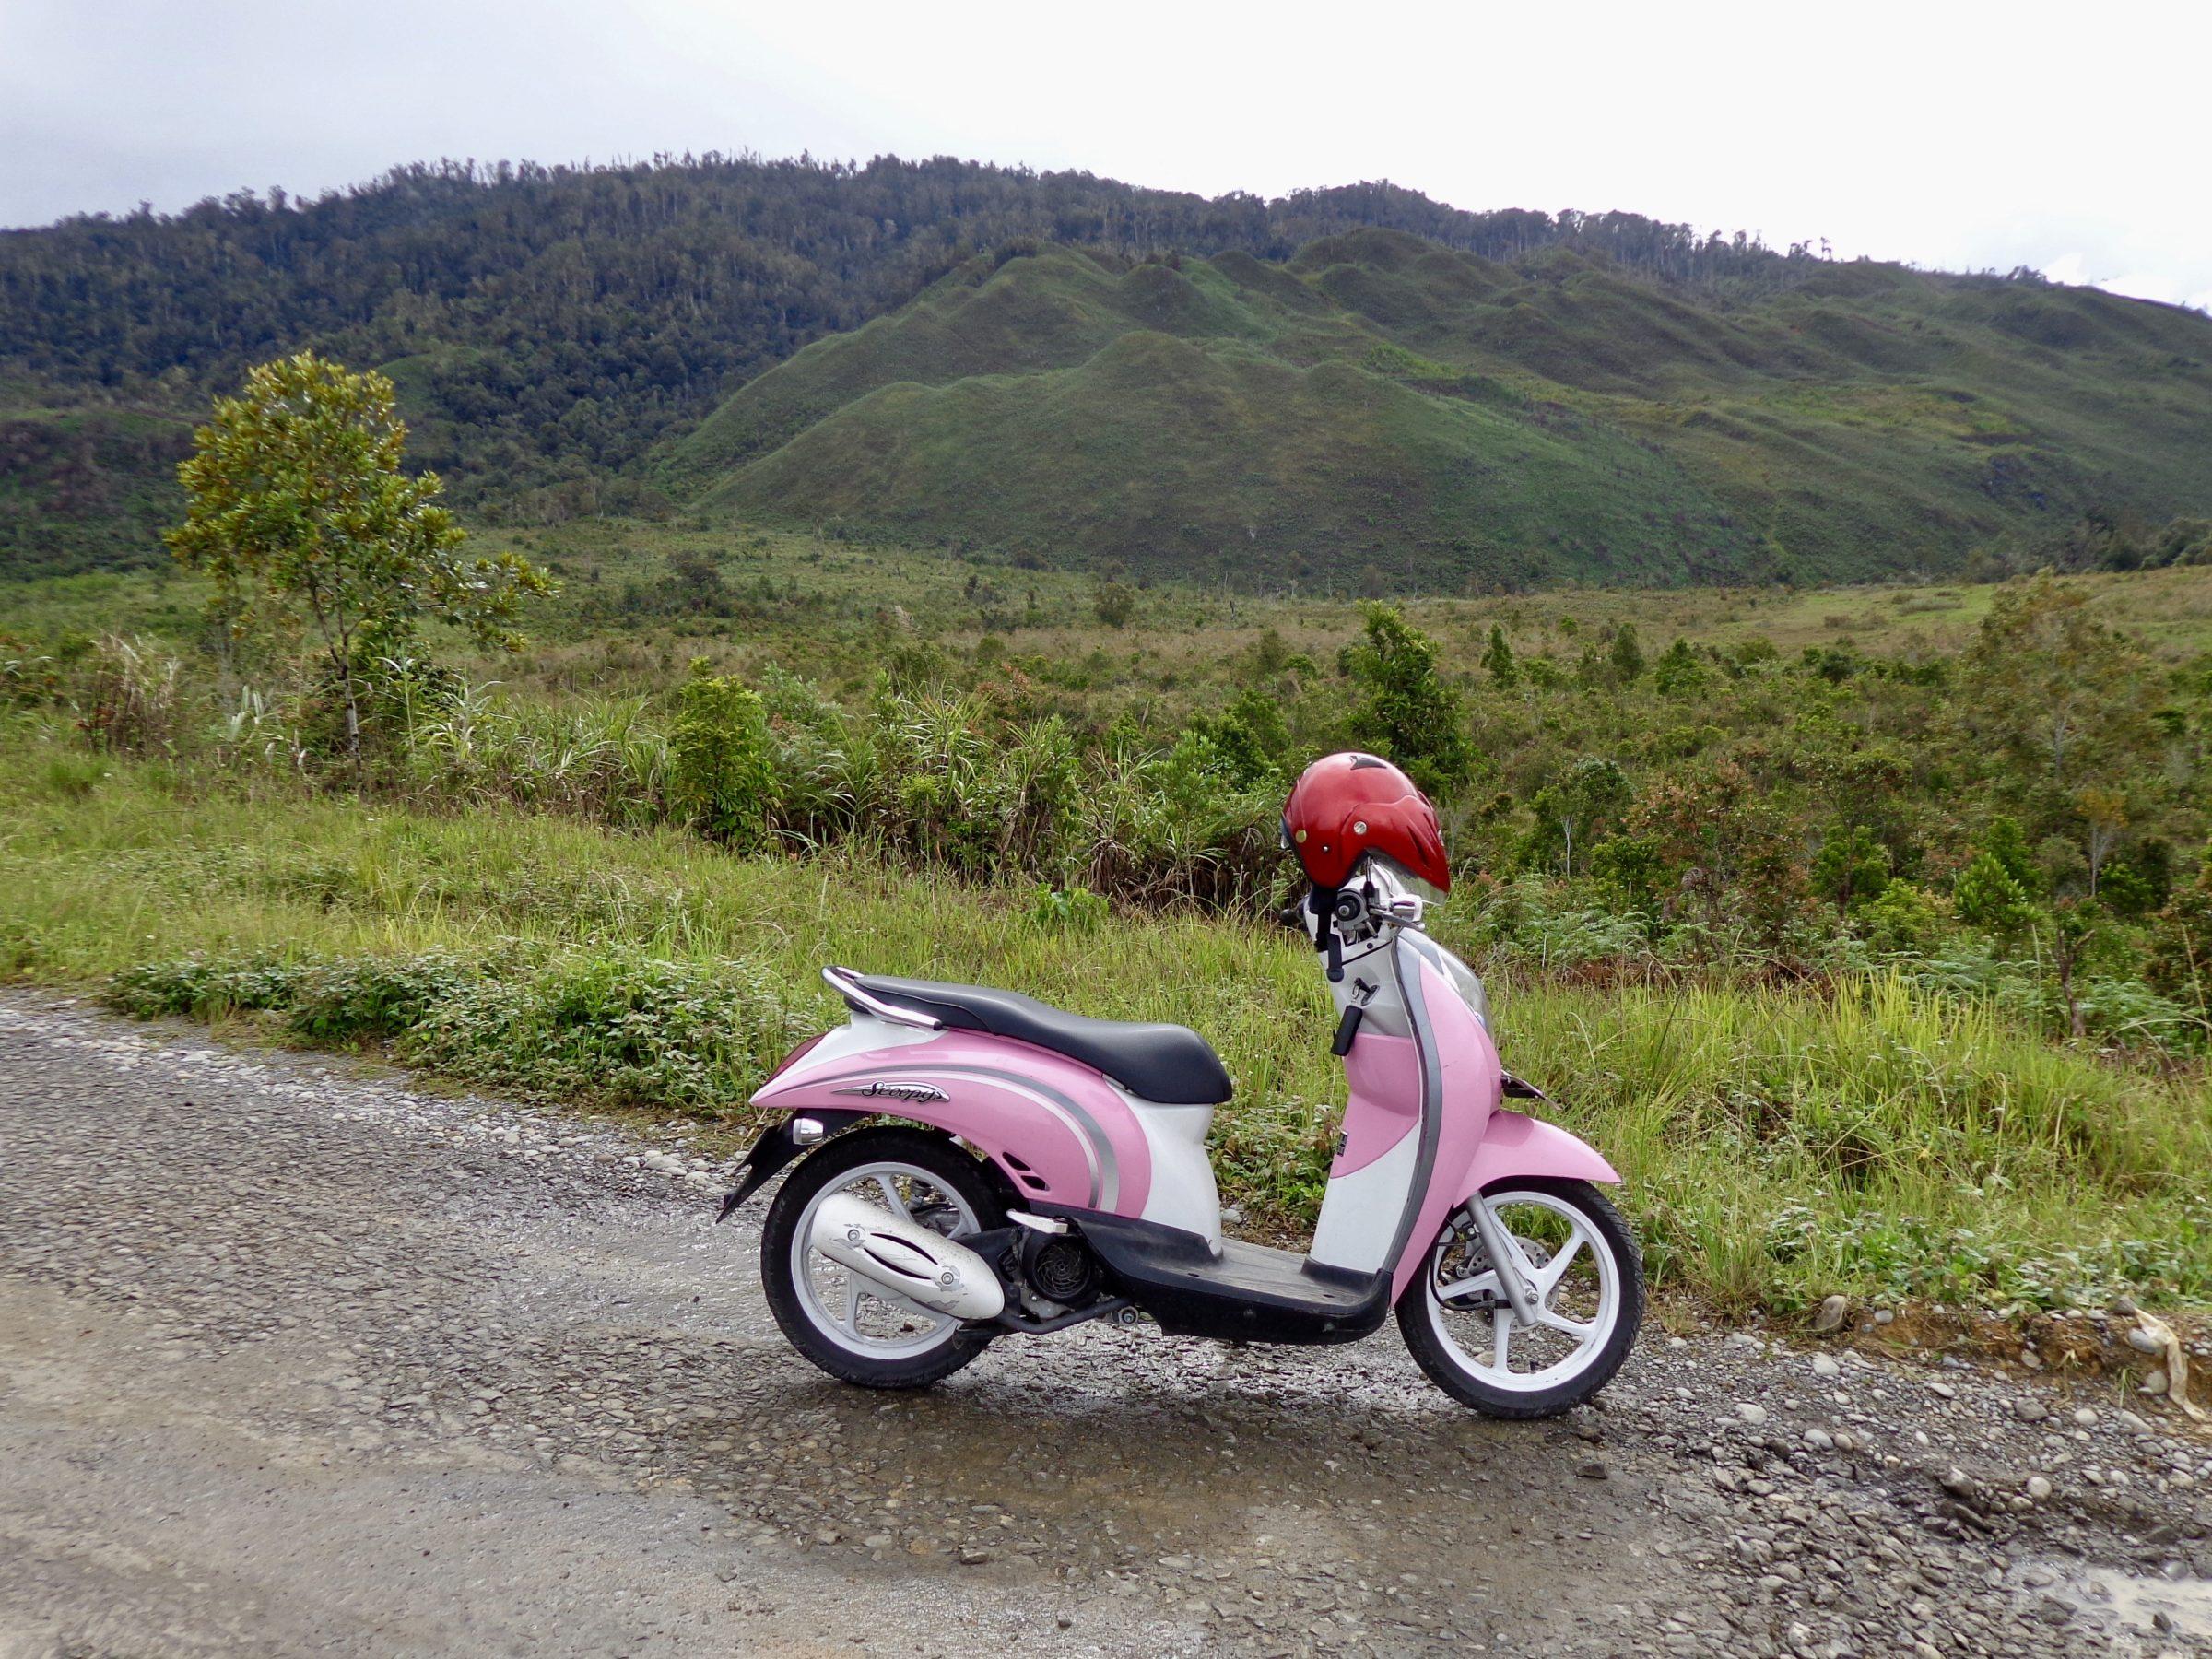 Op deze retroscooter door de Baliem Vallei, Irian Jaya